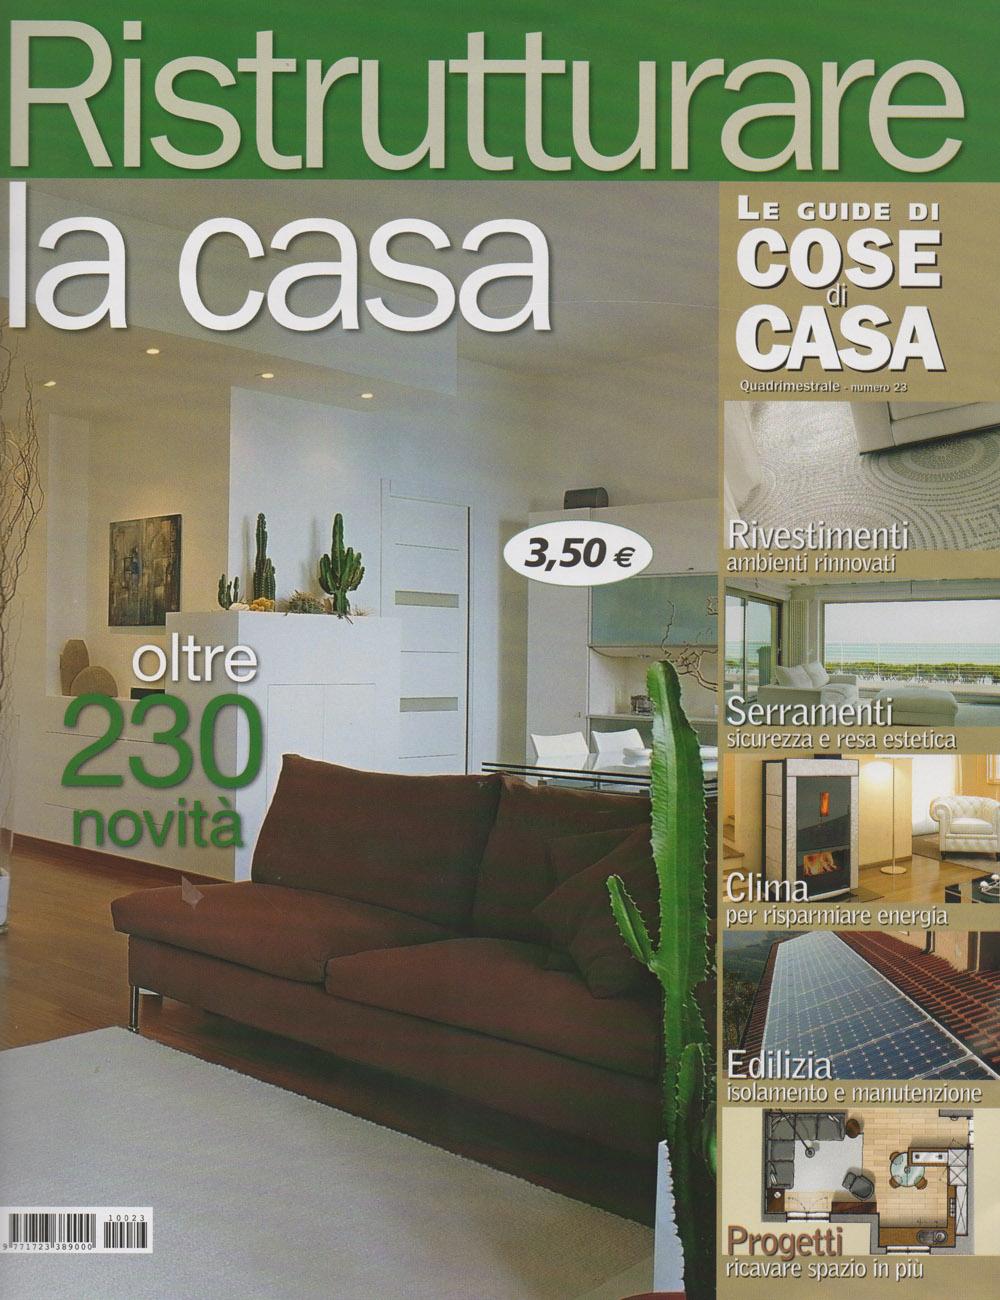 Parquet in legno su riviste arredamento ottobre 2011 cadorin for Riviste su arredamento casa